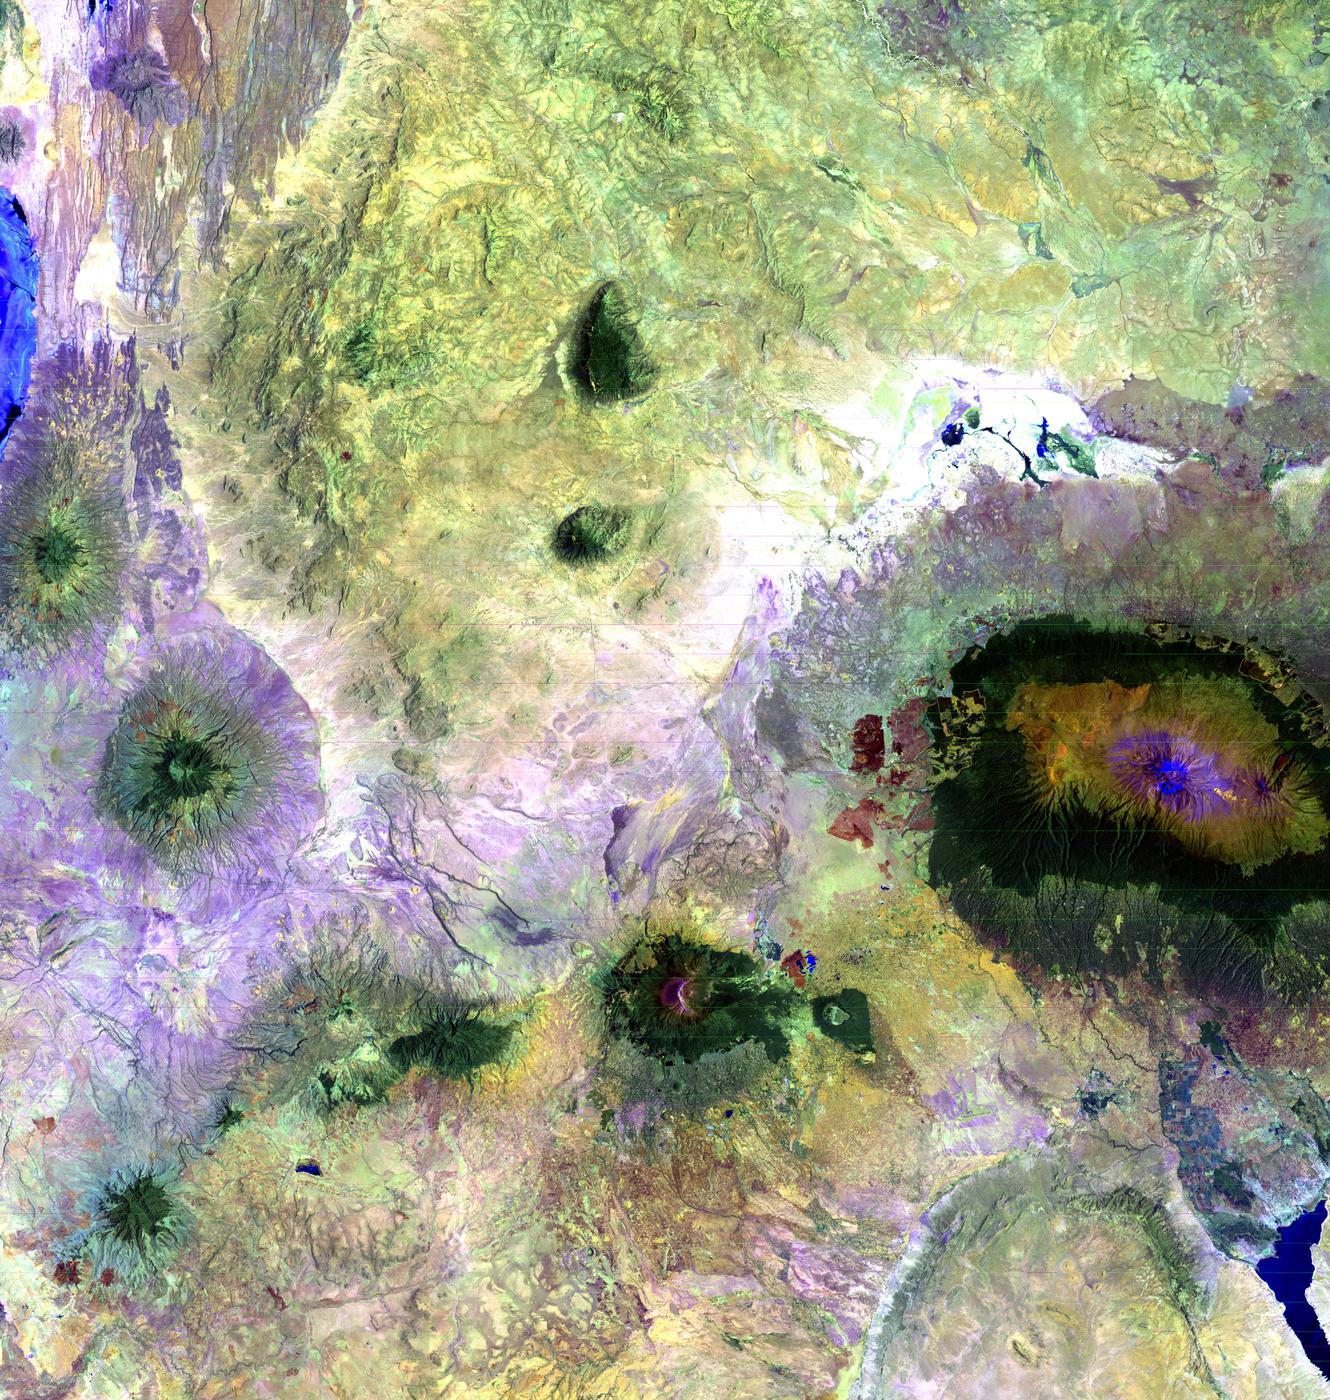 landsat art kilimanjro lrg jpg 1400x1400.